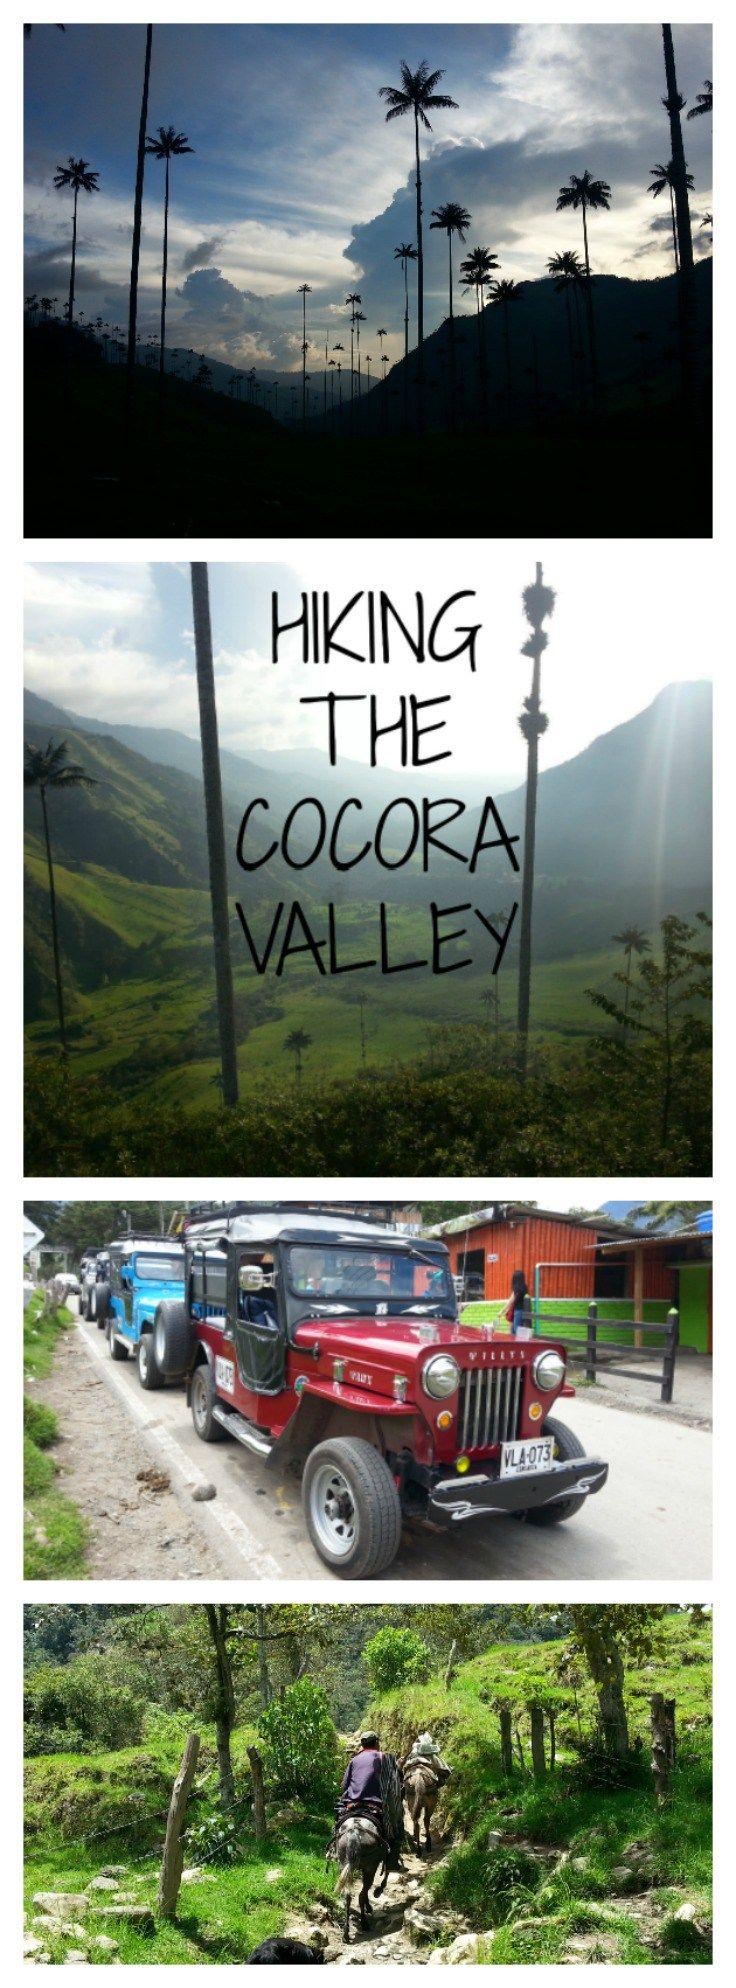 Hiking the Cocora Valley Colombia https://www.google.es/maps/place/Valle+Del+Cocora/@4.63735,-75.6267457,43835m/data=!3m1!1e3!4m5!3m4!1s0x8e38924a03c5355b:0x8d19427653a3da27!8m2!3d4.63735!4d-75.48667